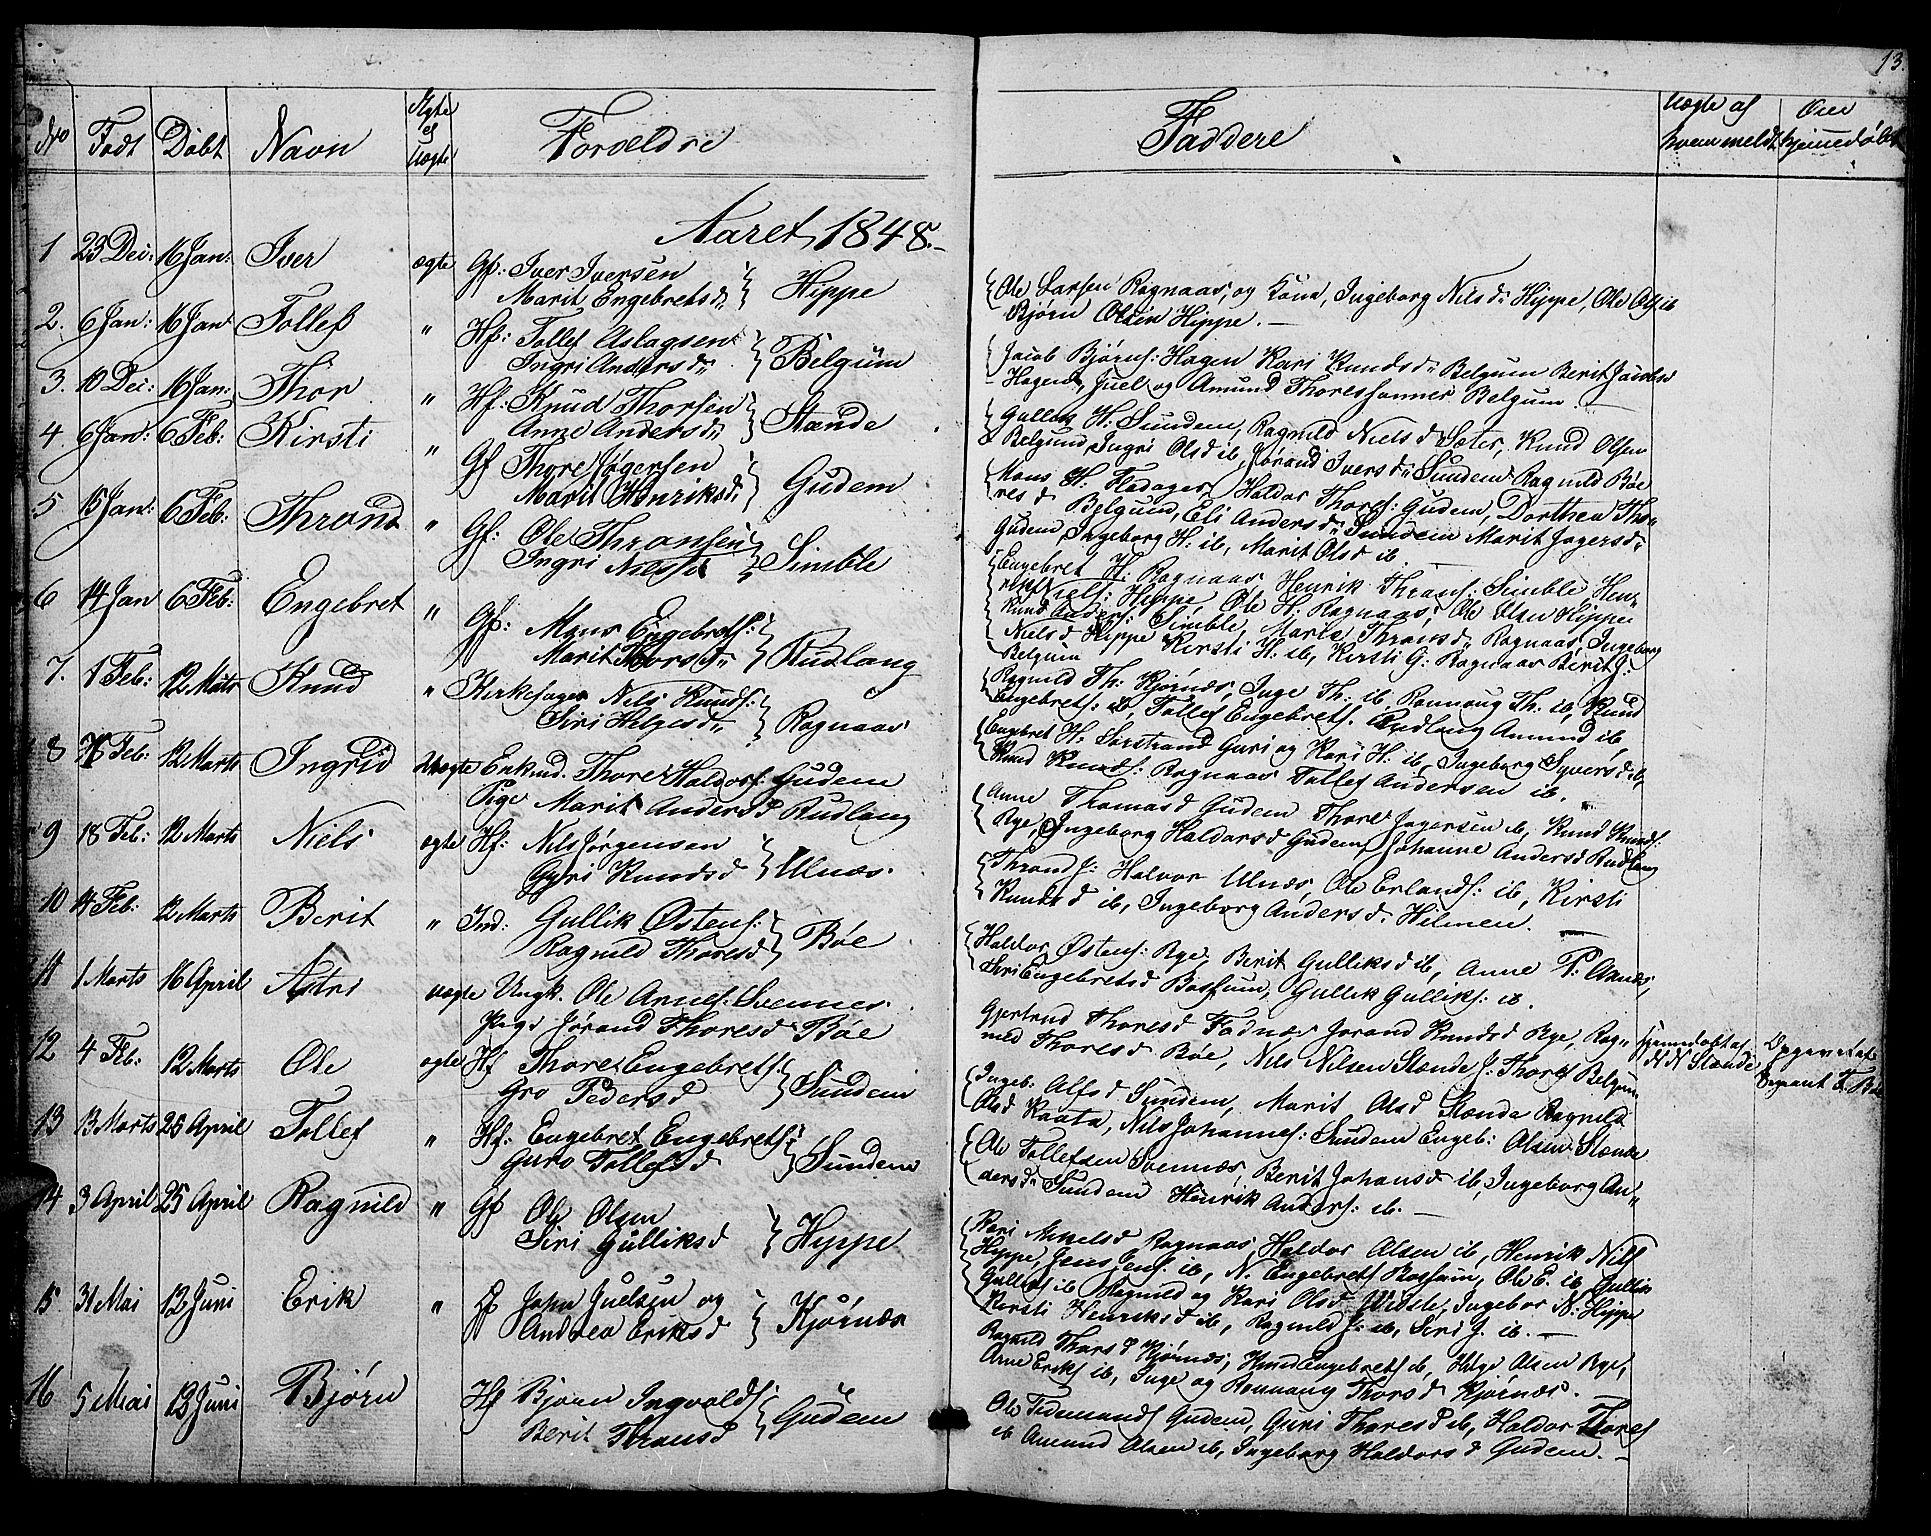 SAH, Nord-Aurdal prestekontor, Klokkerbok nr. 4, 1842-1882, s. 13